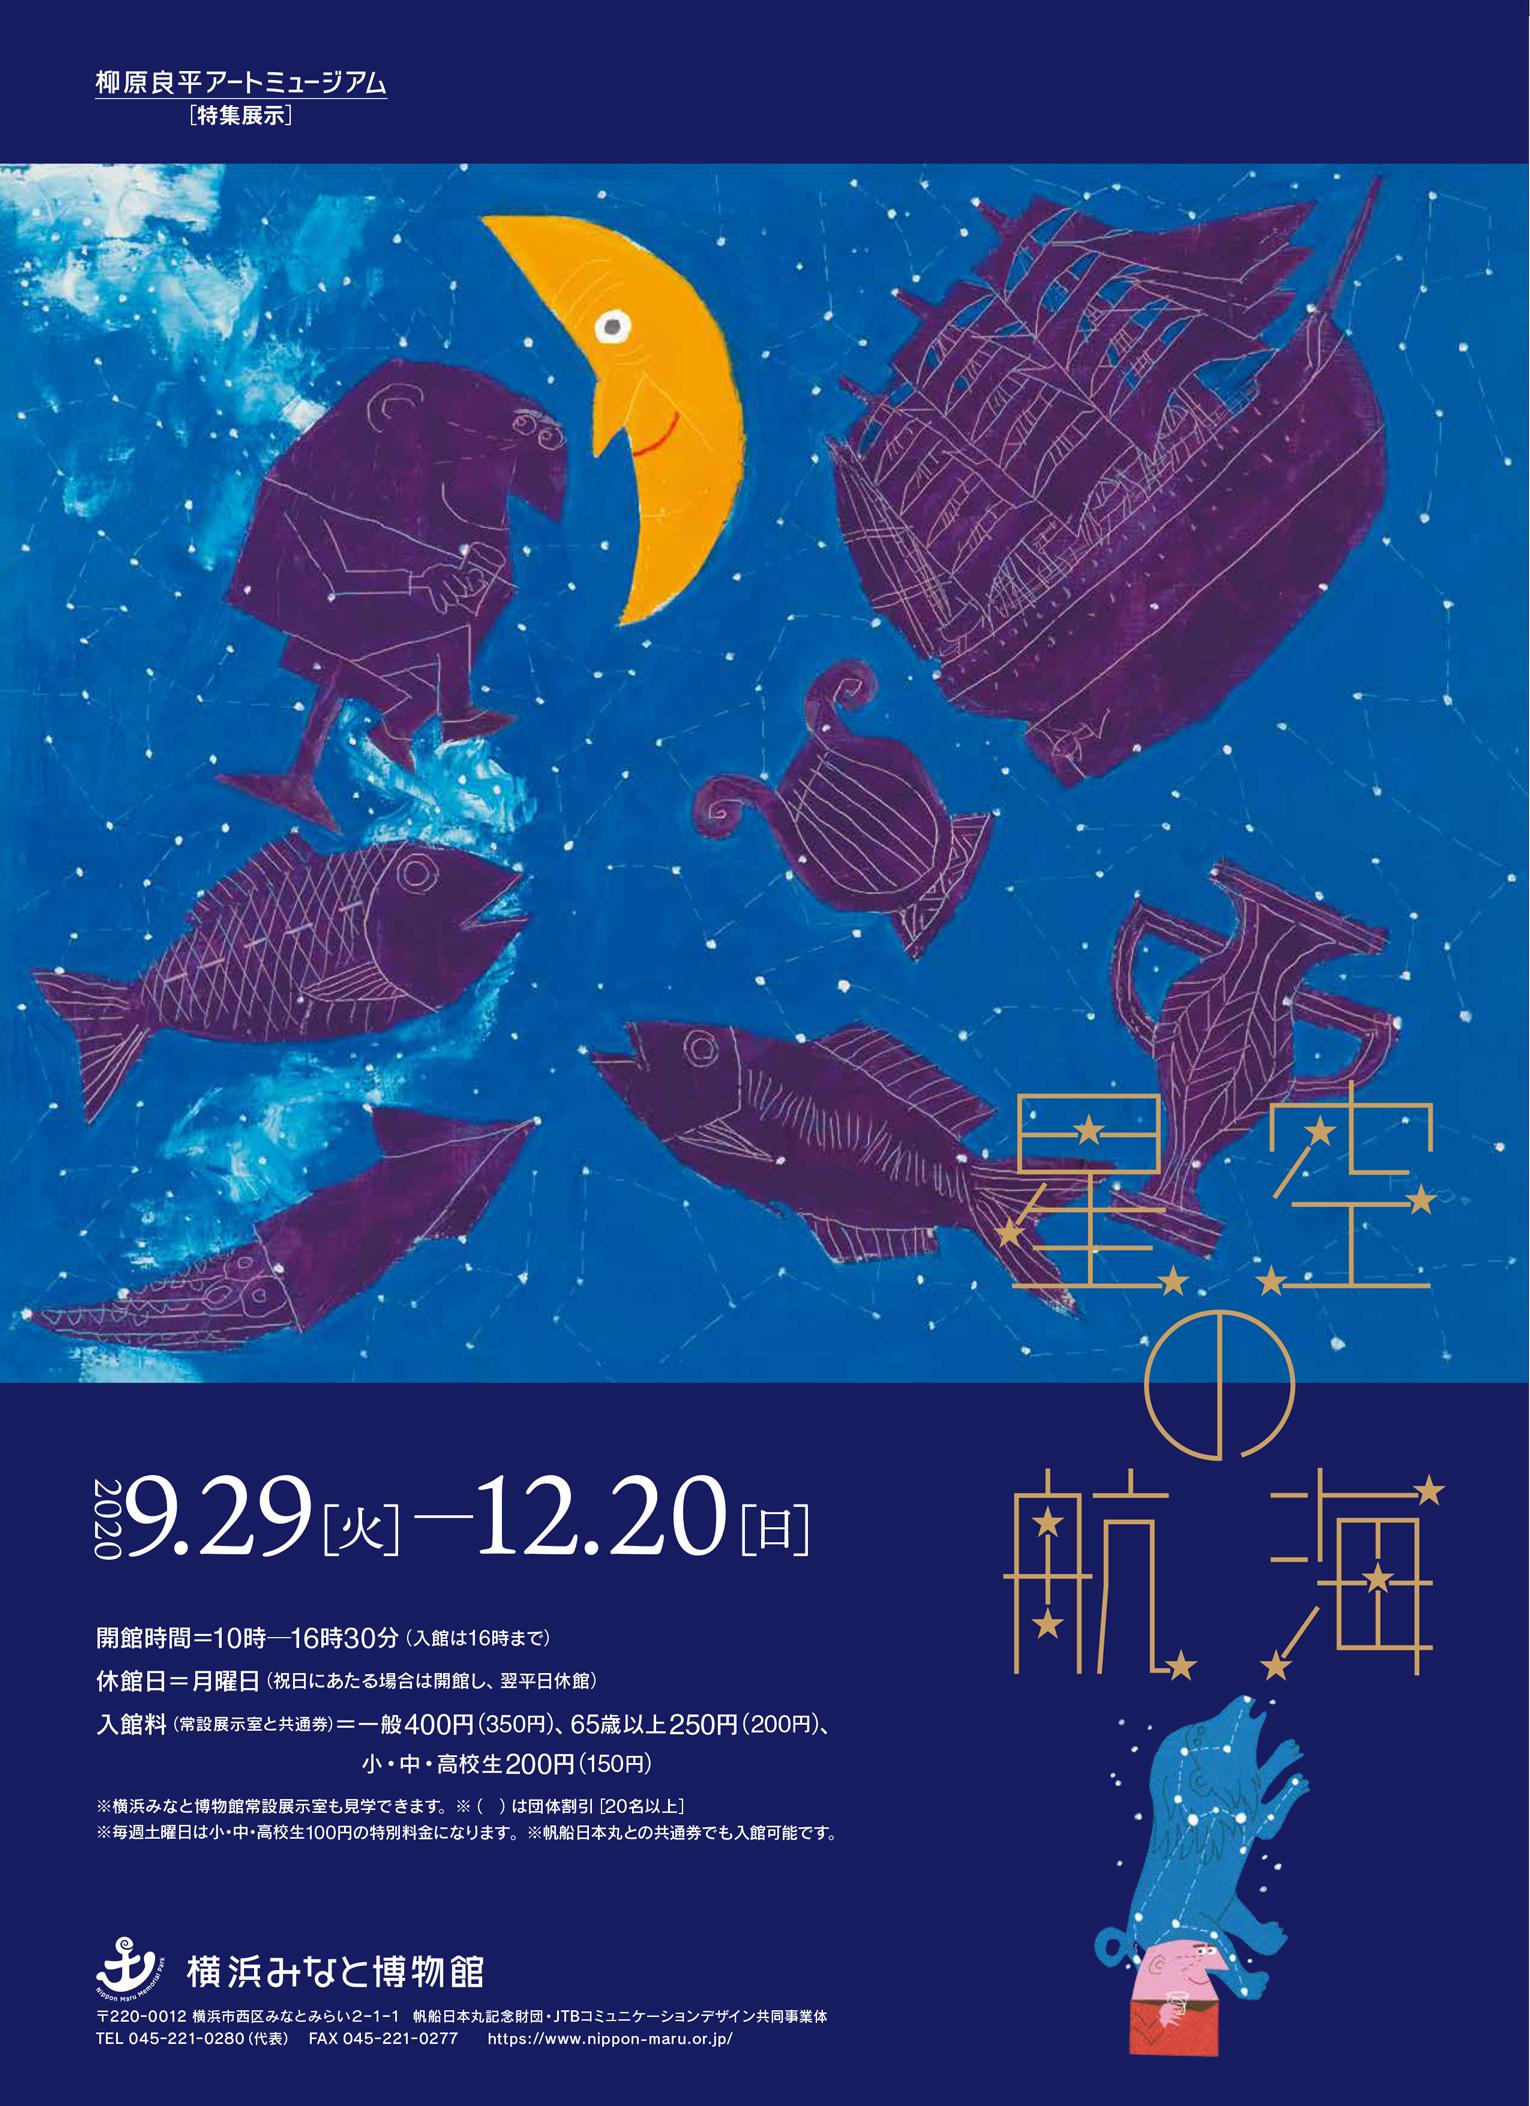 柳原良平アートミュージアム 特集展示「星空の航海」